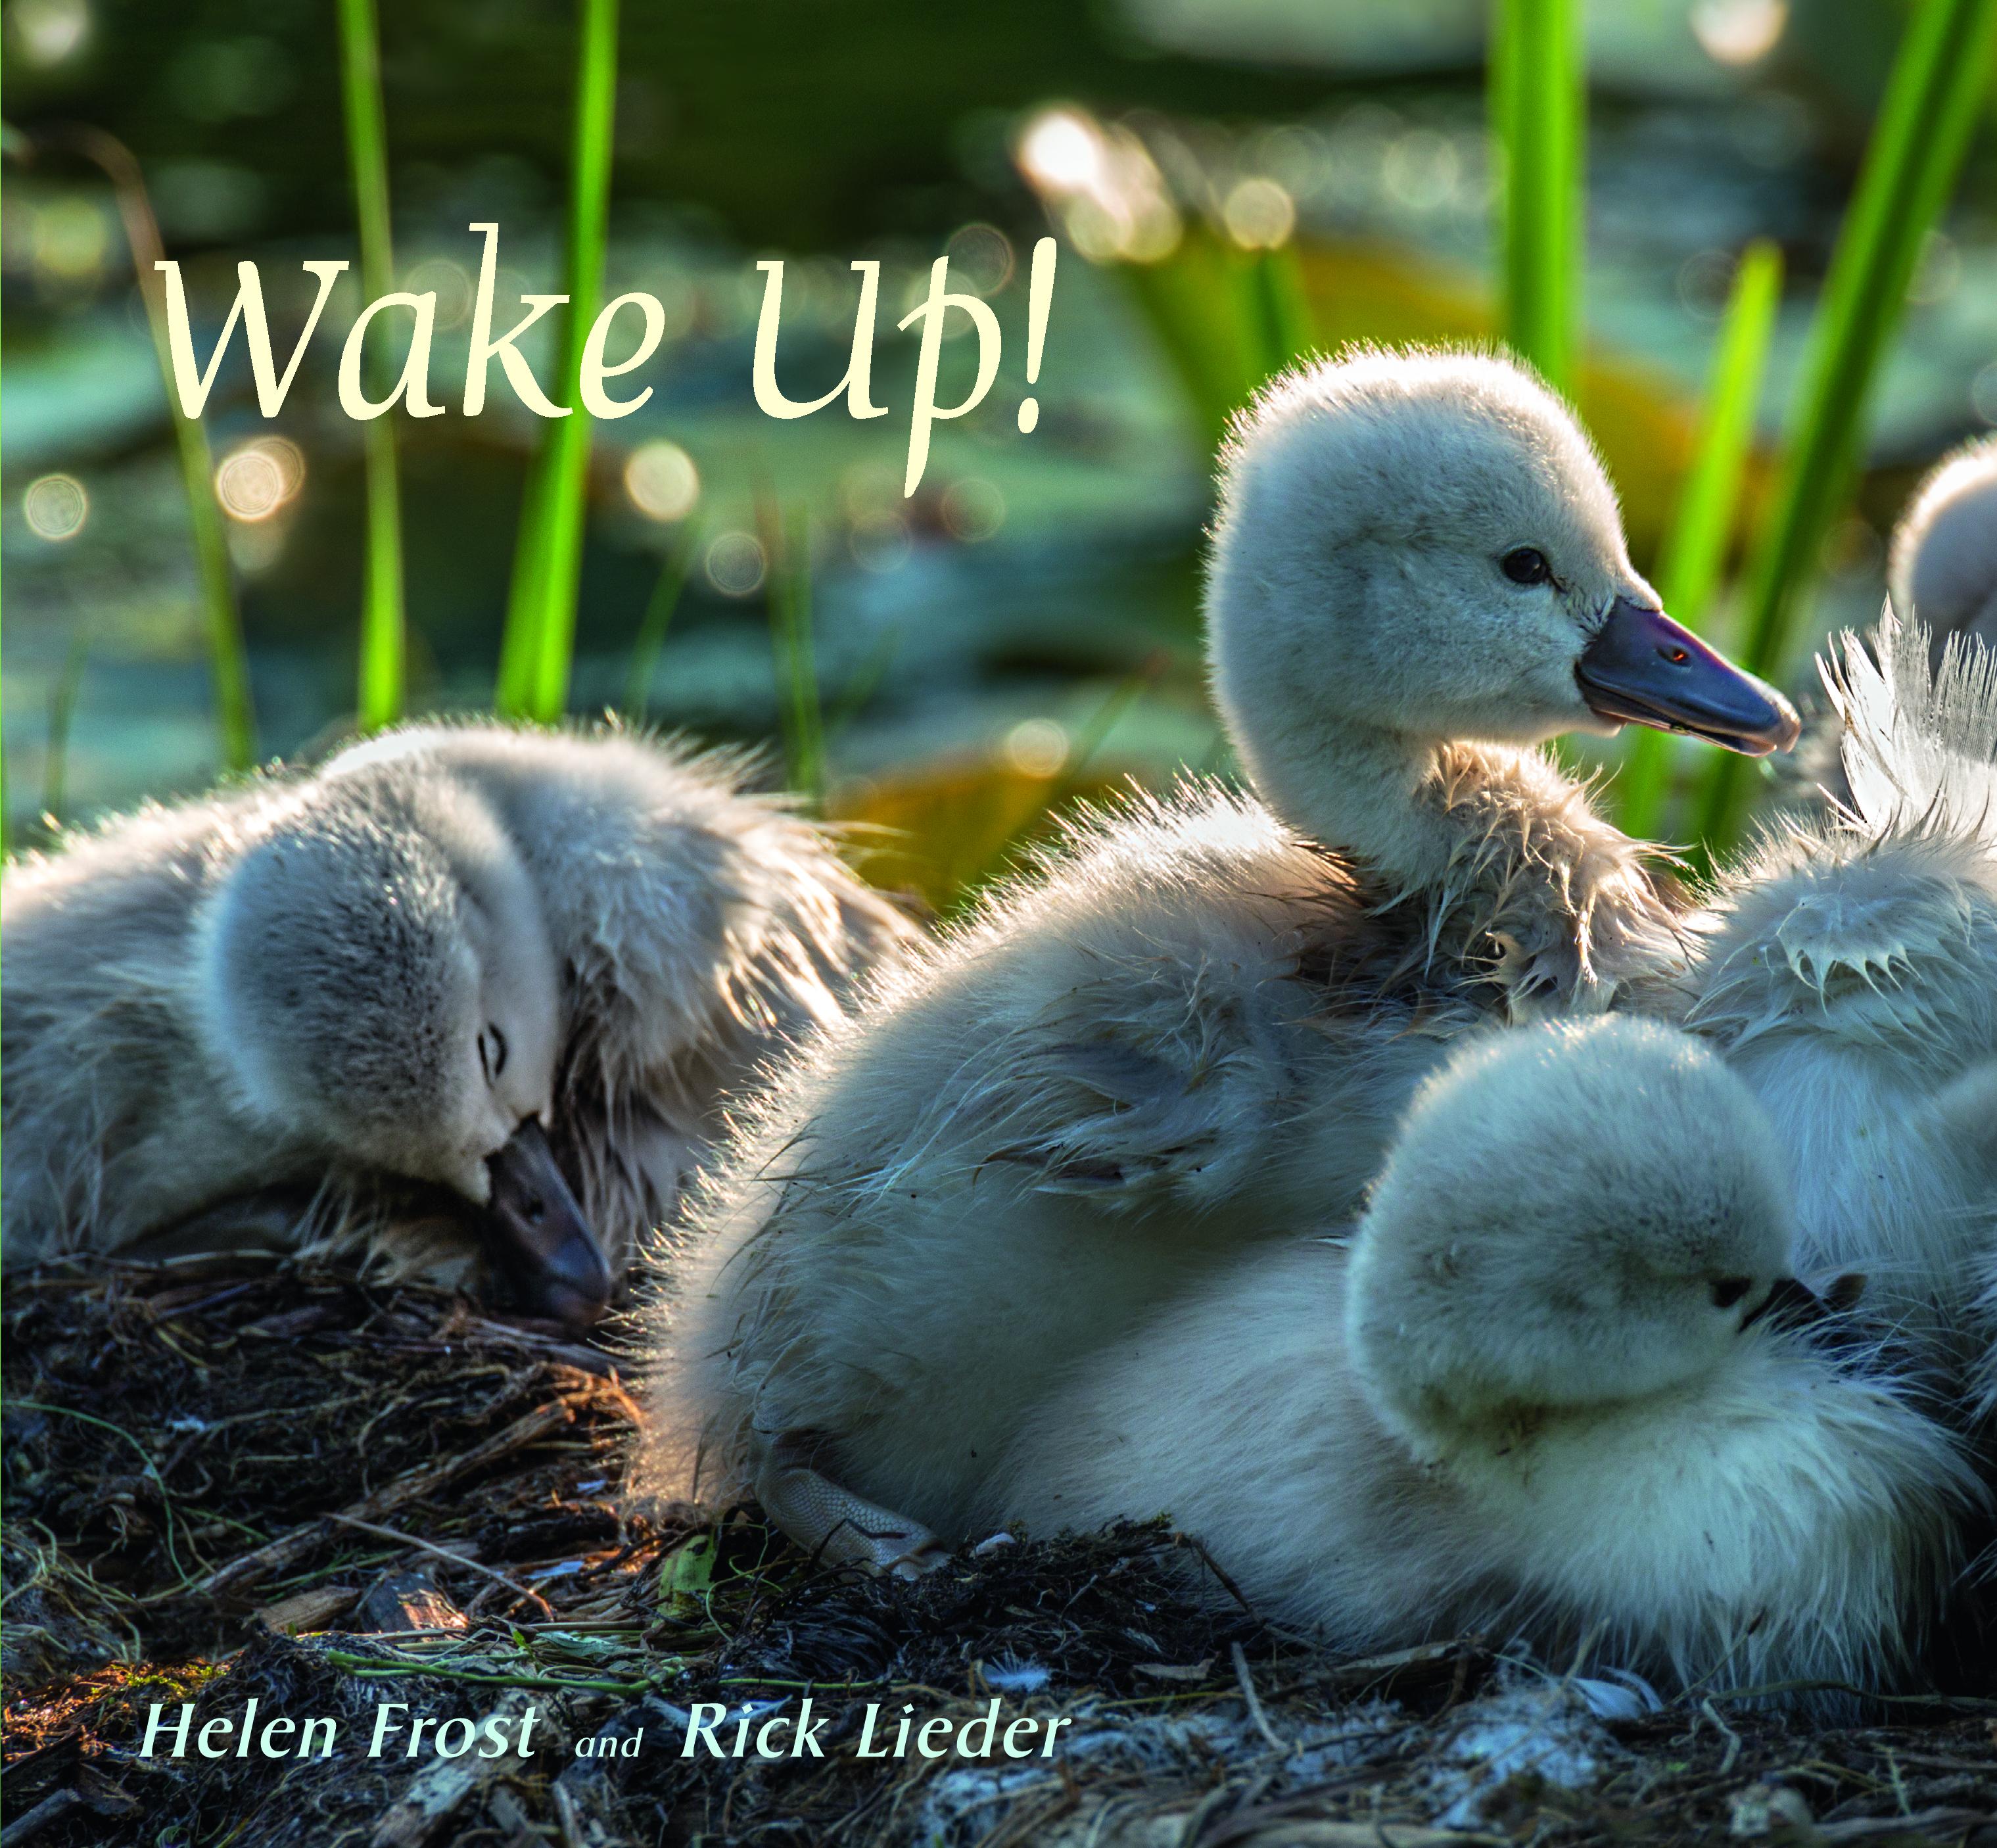 Jacket for WAKE UP!